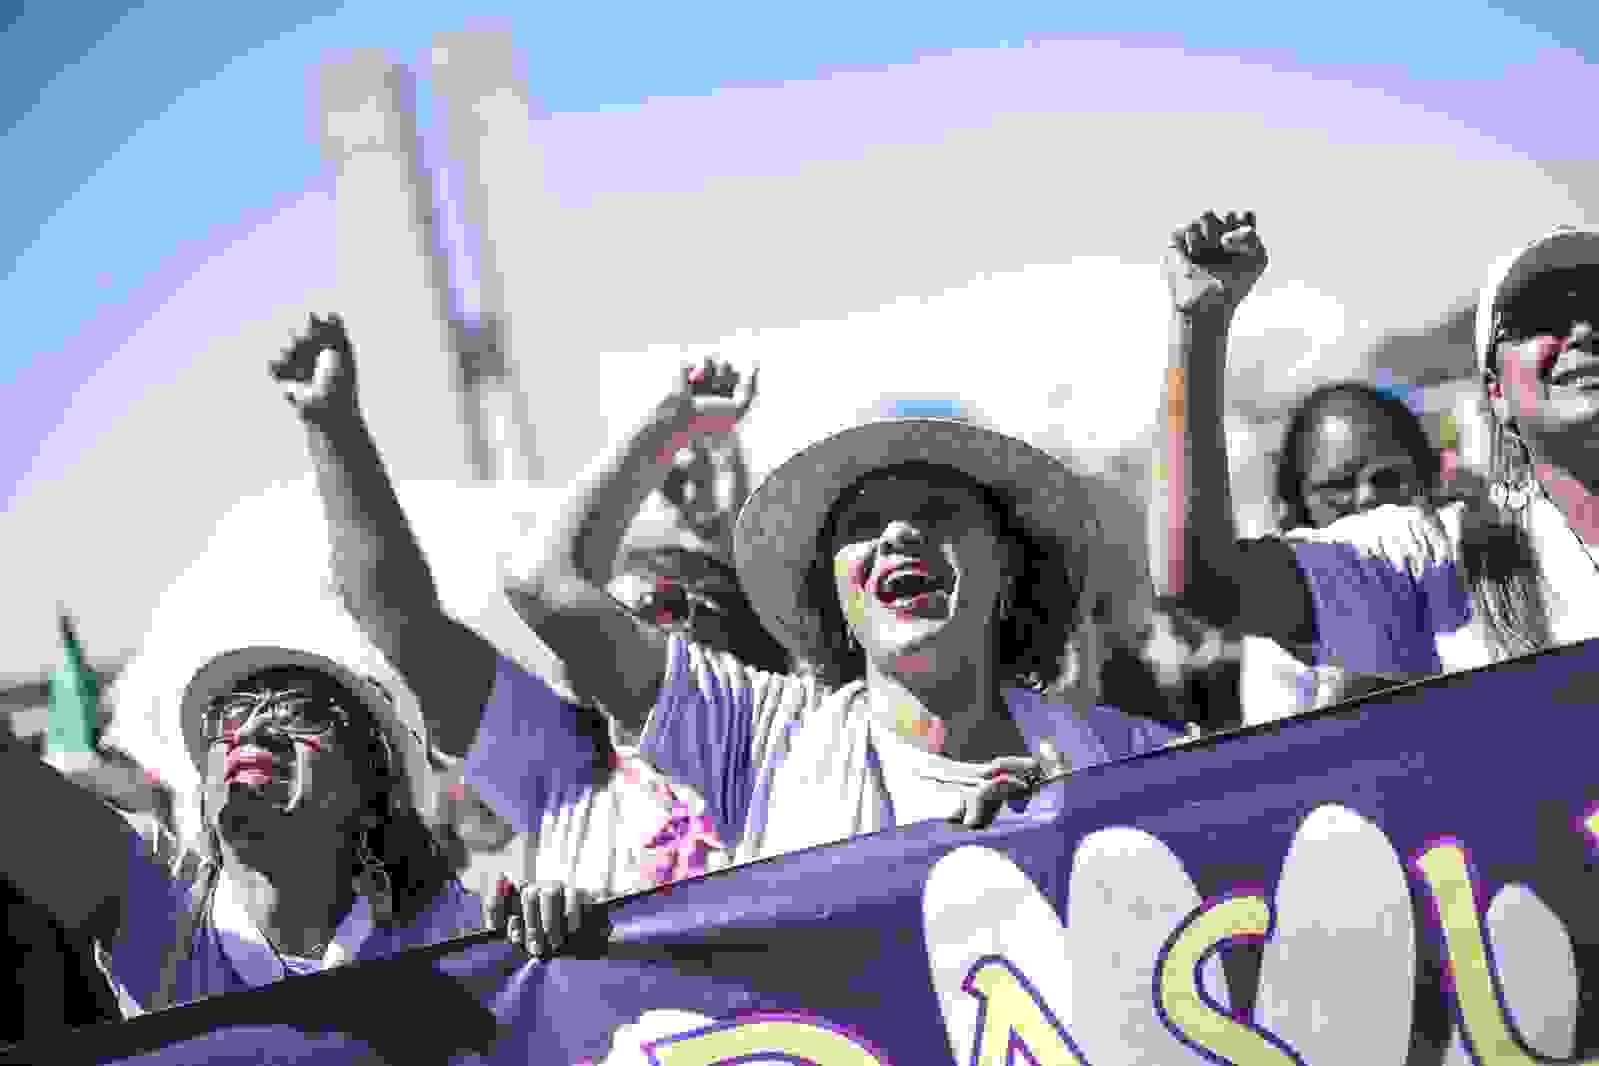 Mulheres do campo, da floresta e das águas na 5º edição da Marcha das Margaridas em marcha por desenvolvimento sustentável com democracia, justiça, autonomia, igualdade e liberdade |Foto: Mídia Ninja